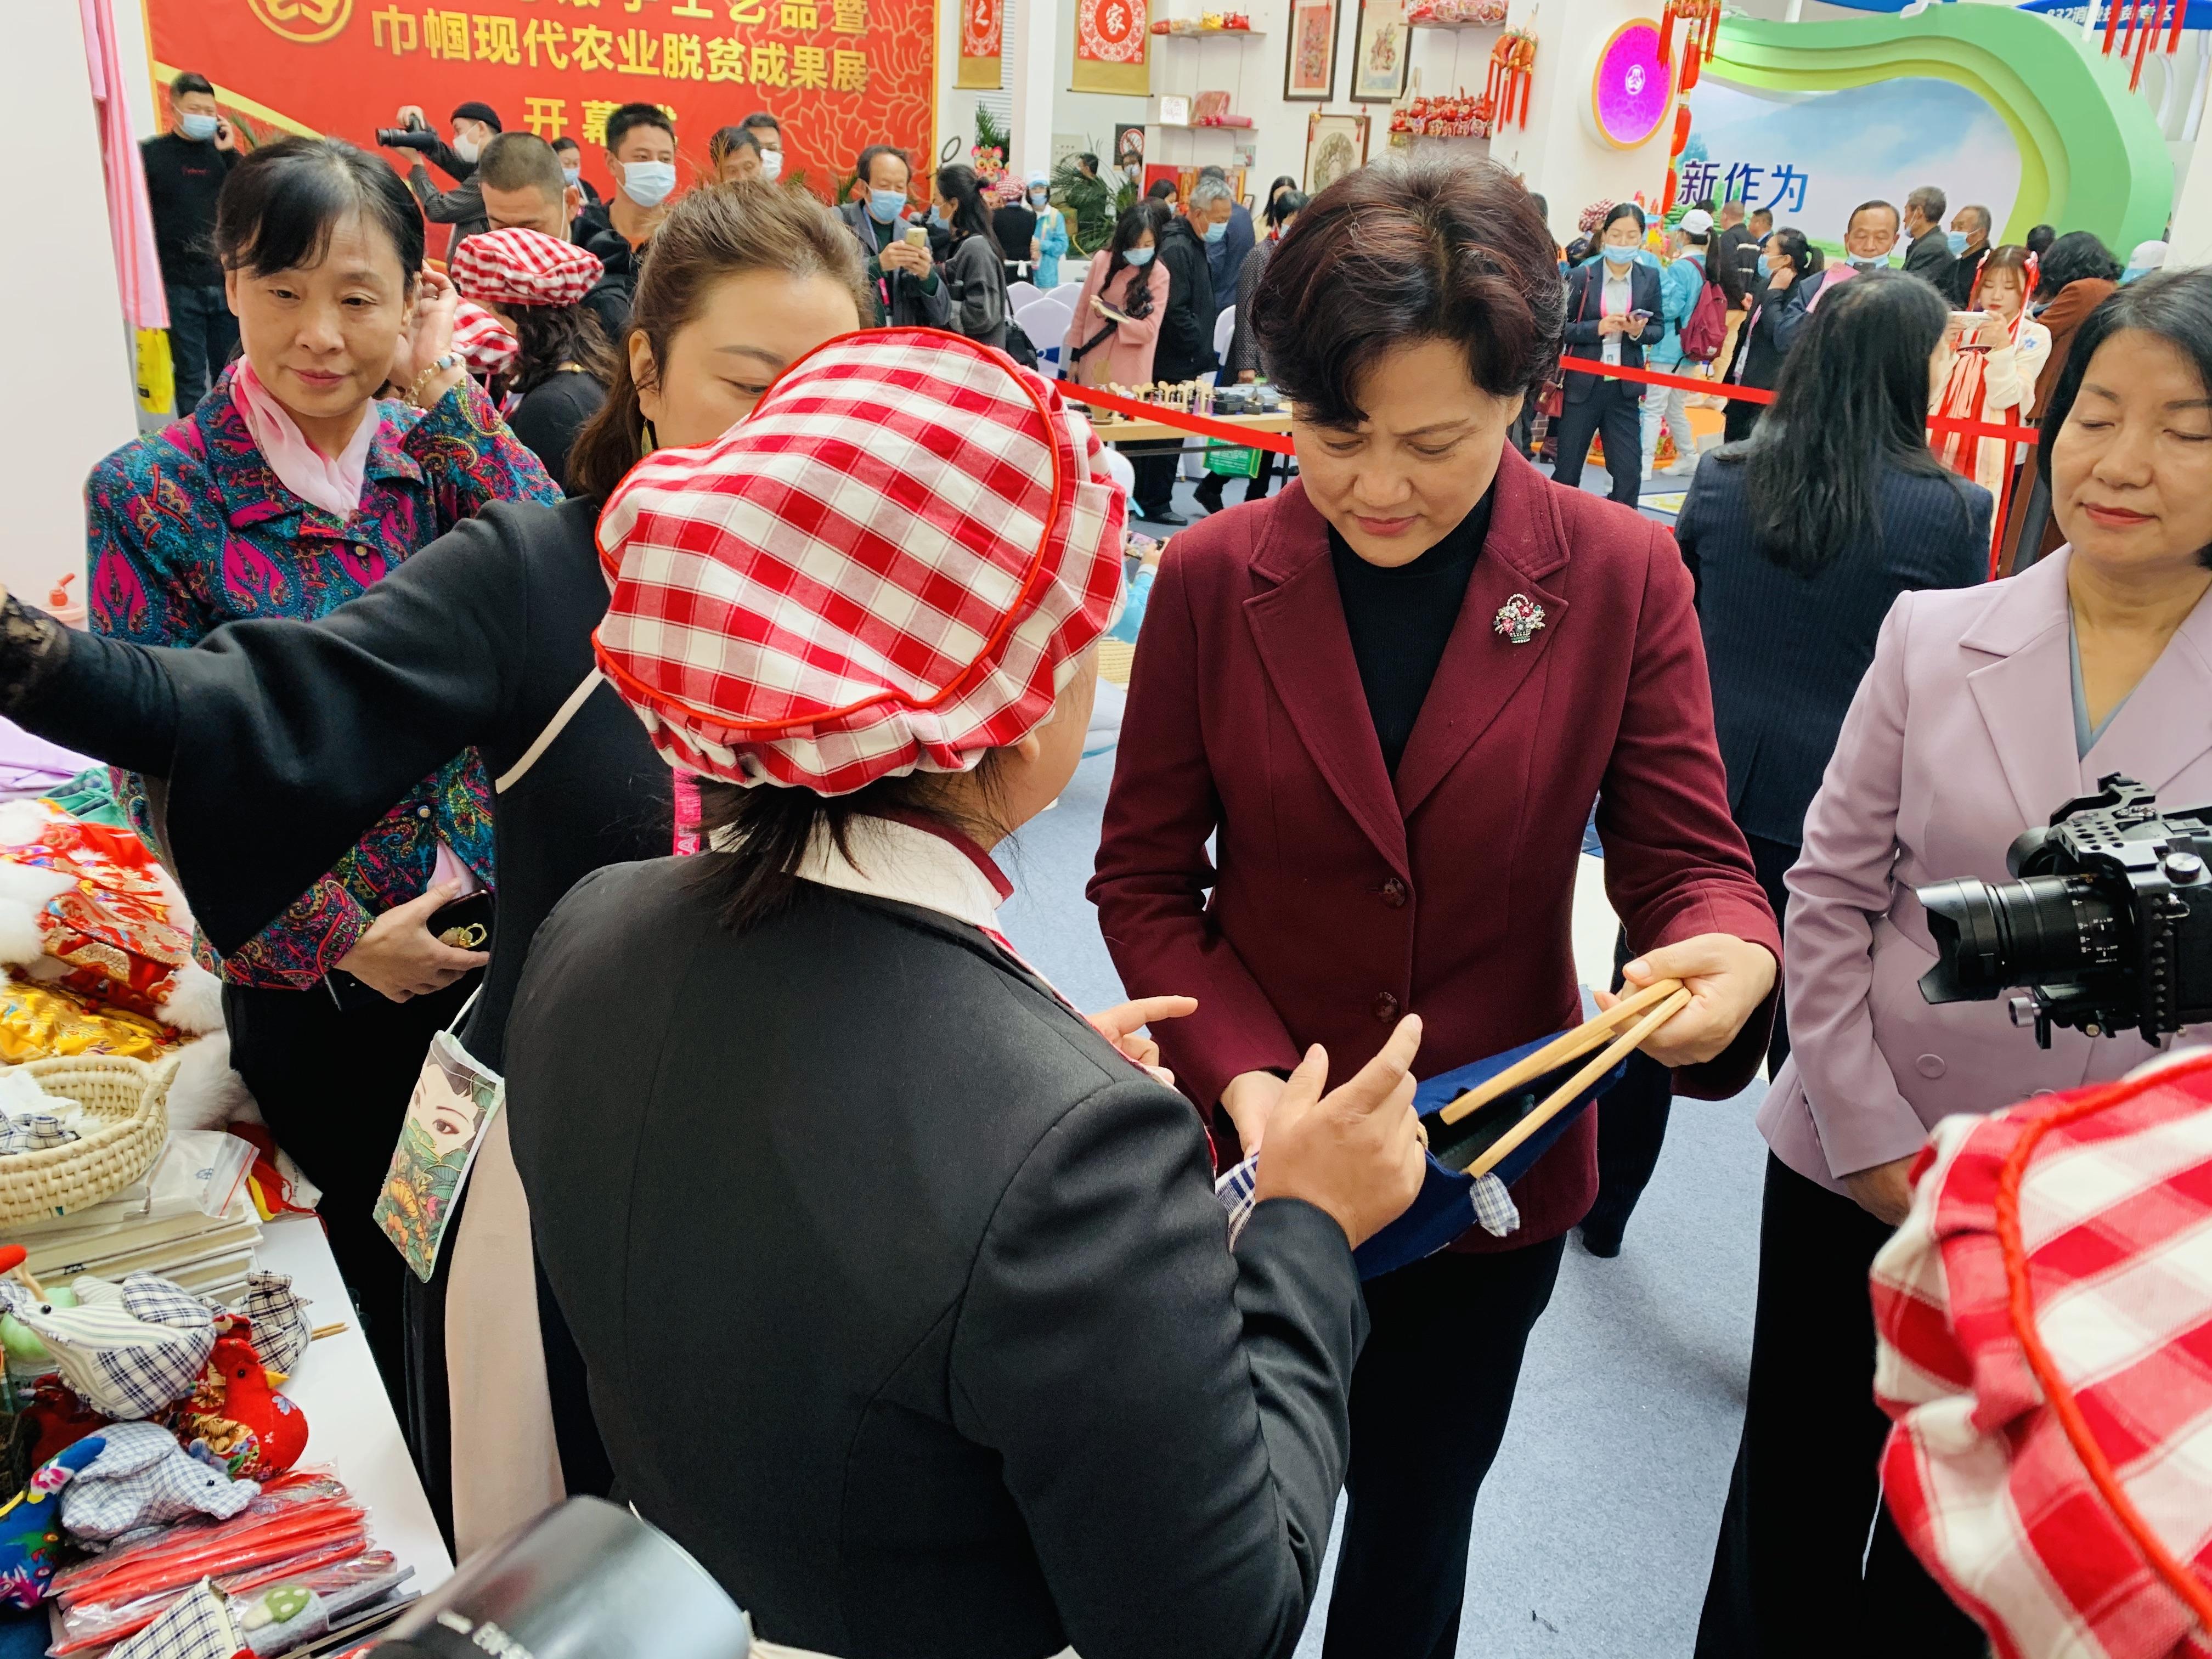 三秦妇女巧手绘就幸福农高会陕西妇联特色展馆吸引众人